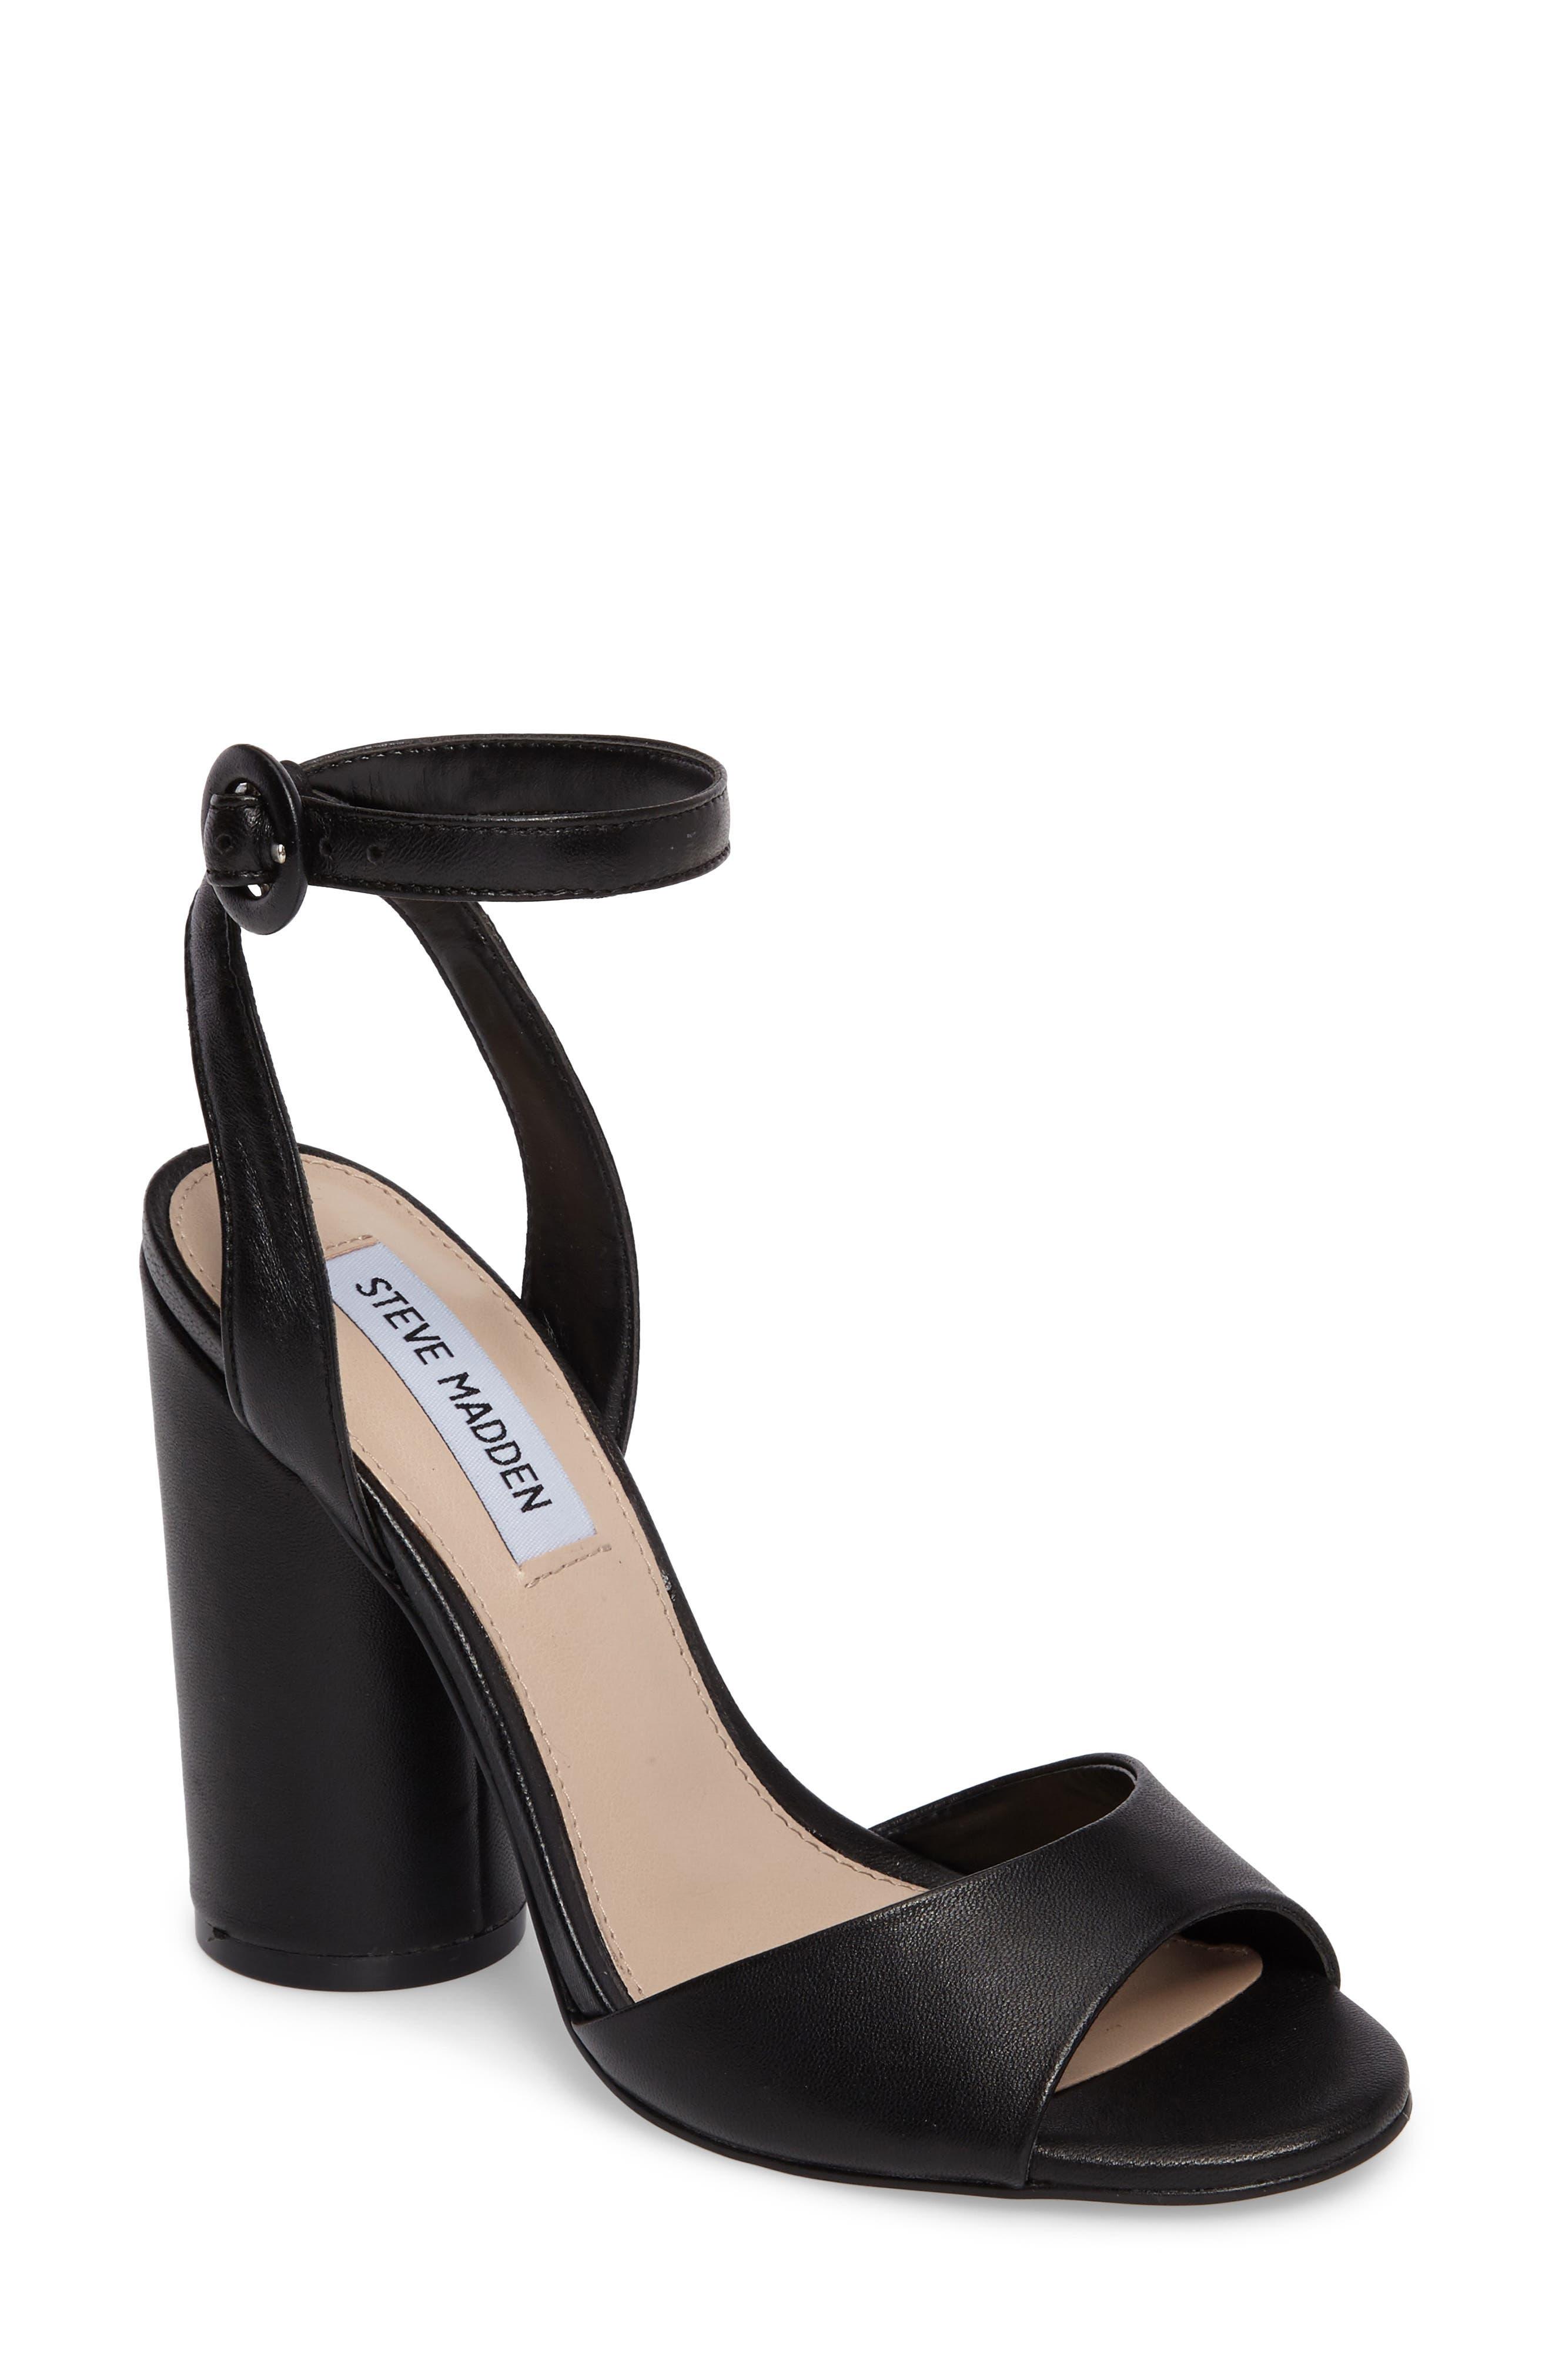 STEVE MADDEN Clare Column Heel Sandal